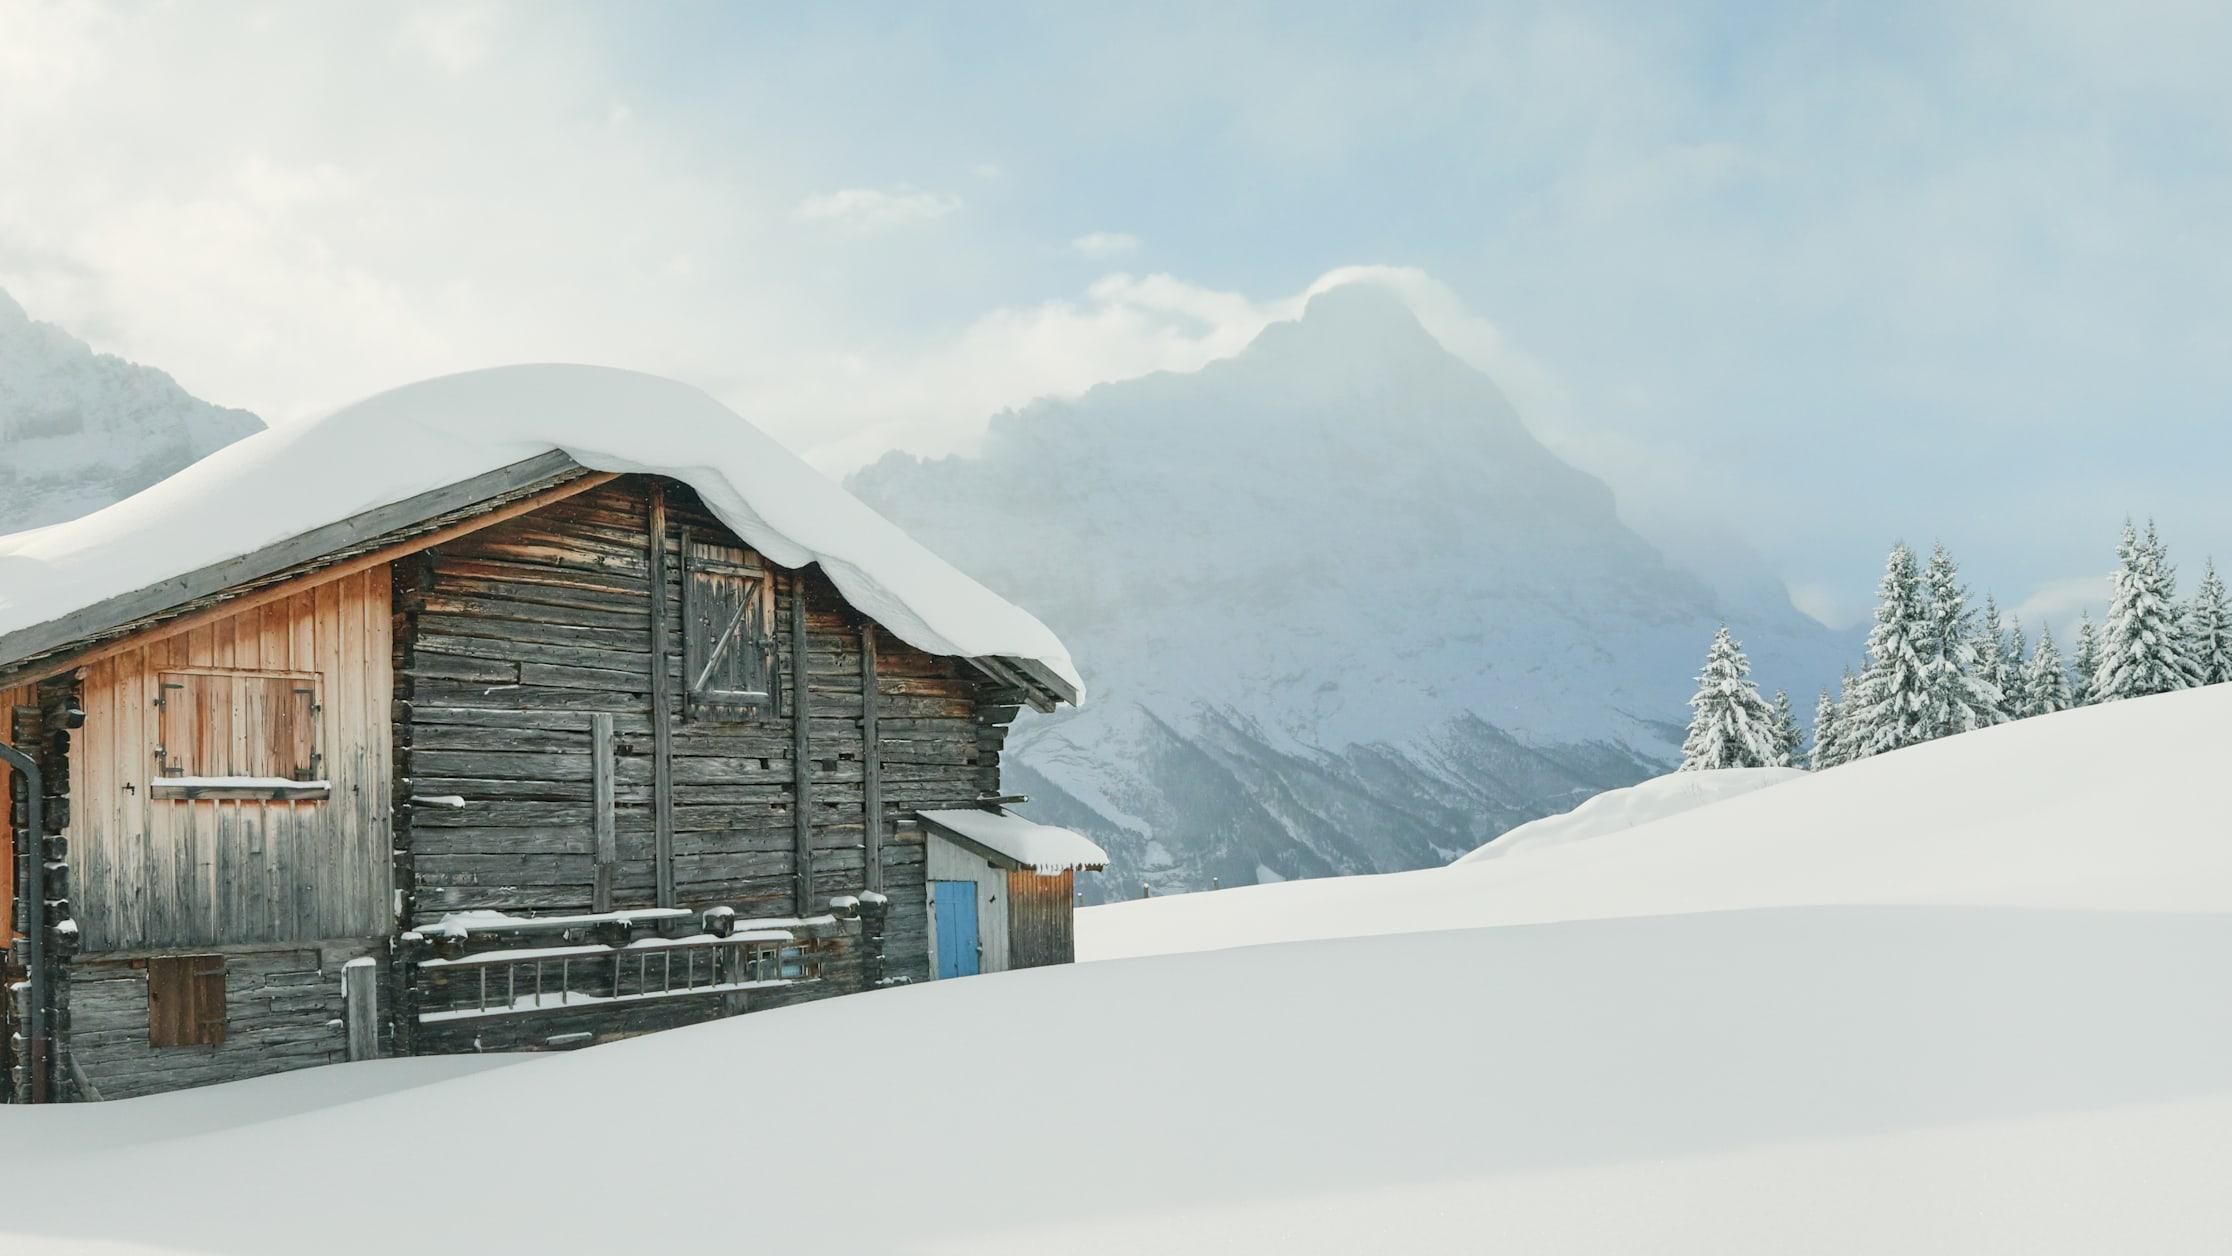 Grindelwald First winter alpine hut Eiger